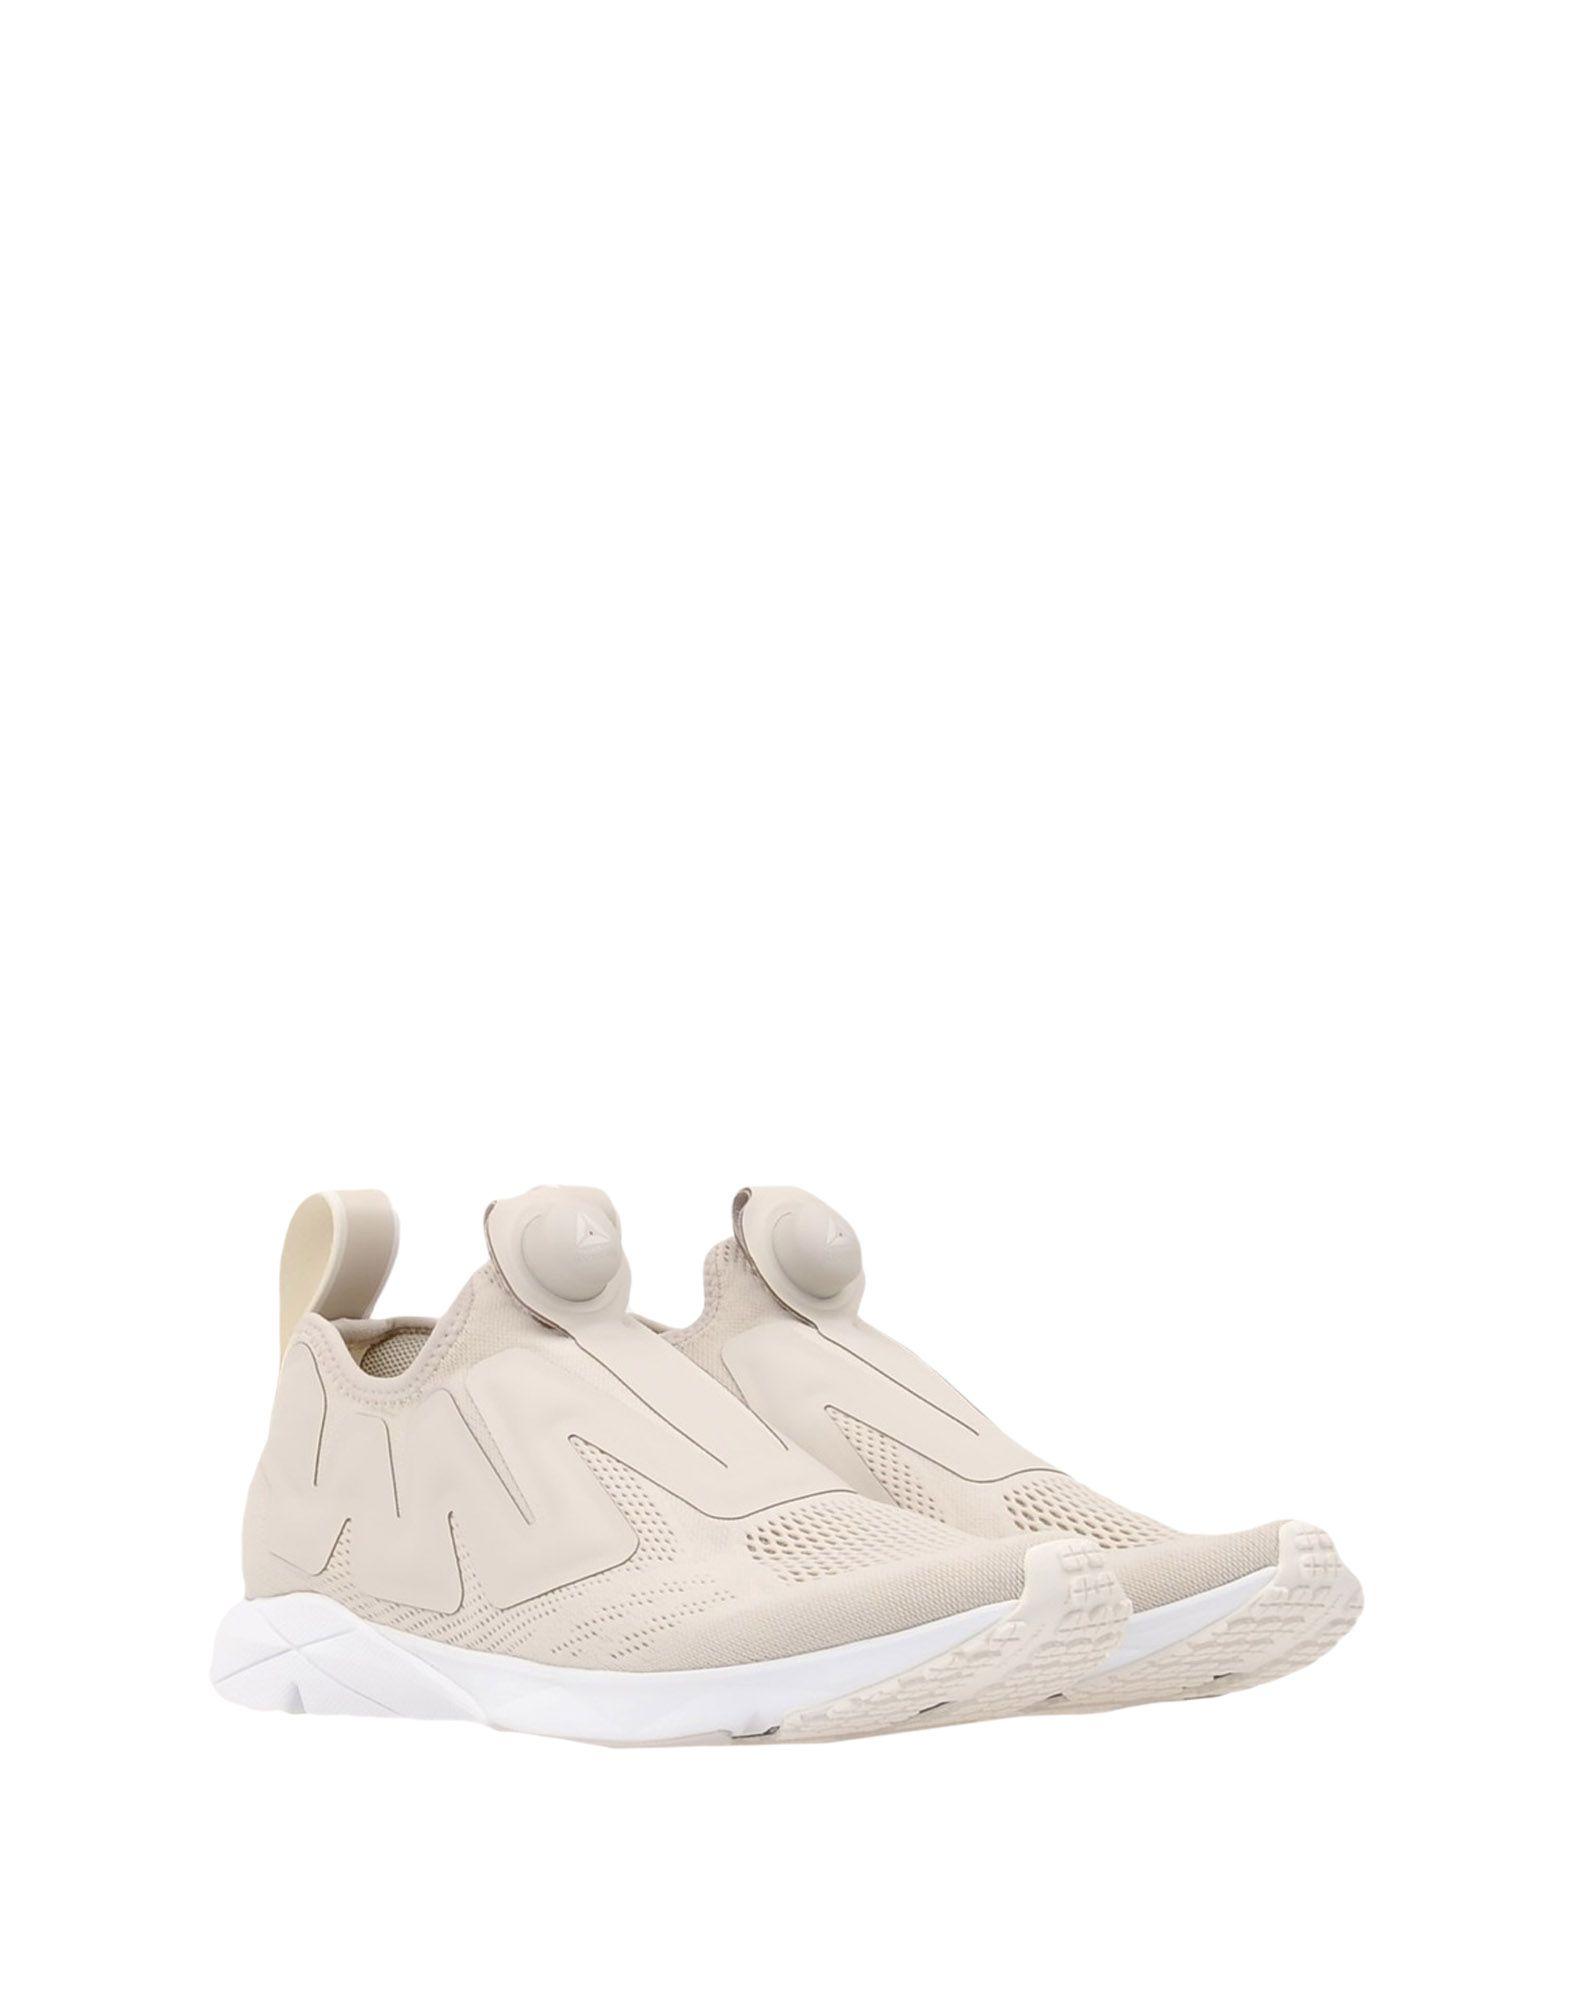 Sneakers Reebok  Pump Supreme - Homme - Sneakers Reebok sur